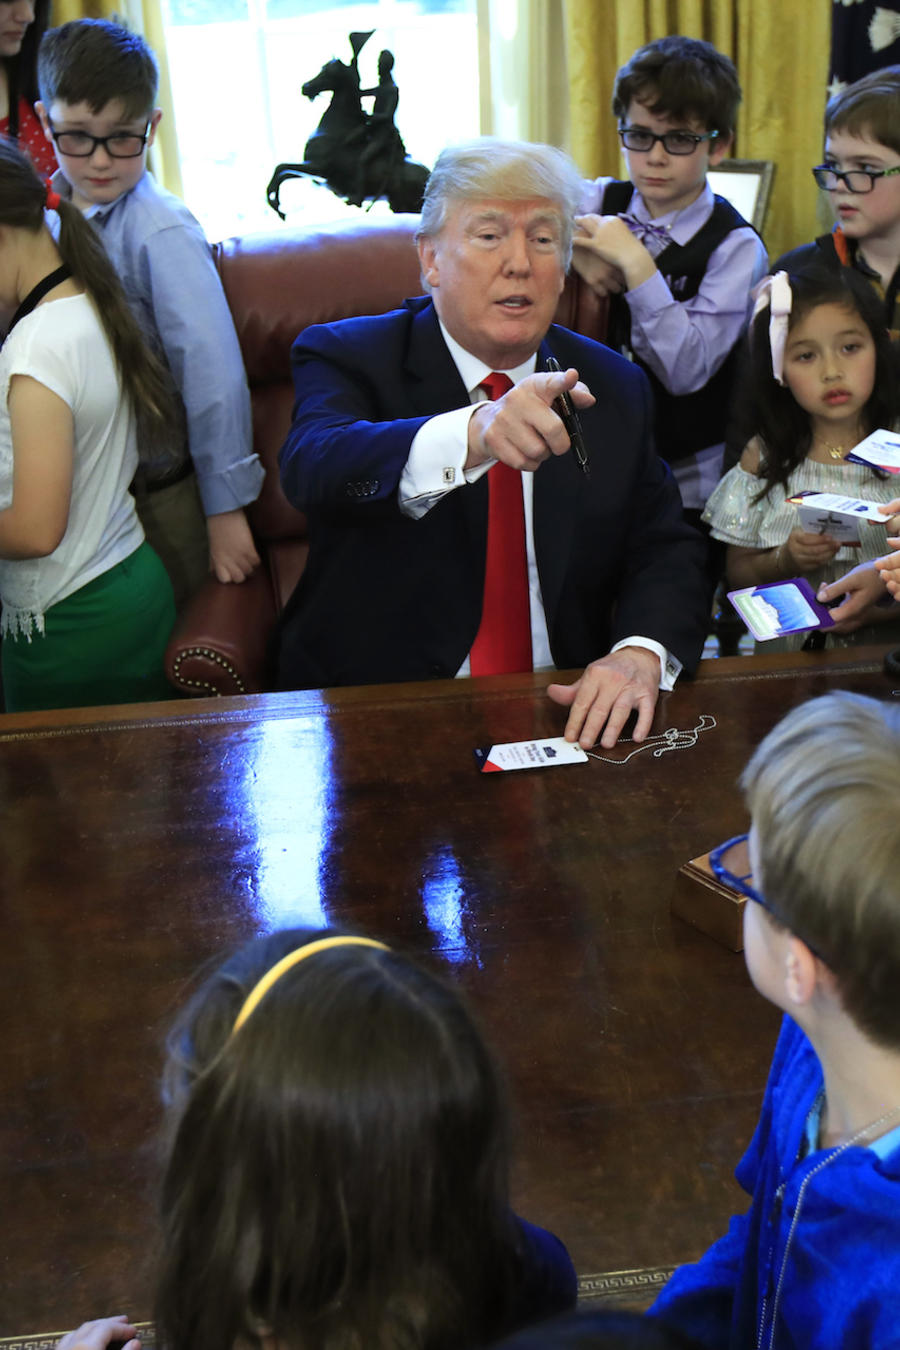 Trump, rodeado de niños en un evento en la Casa Blanca en abril de 2018.